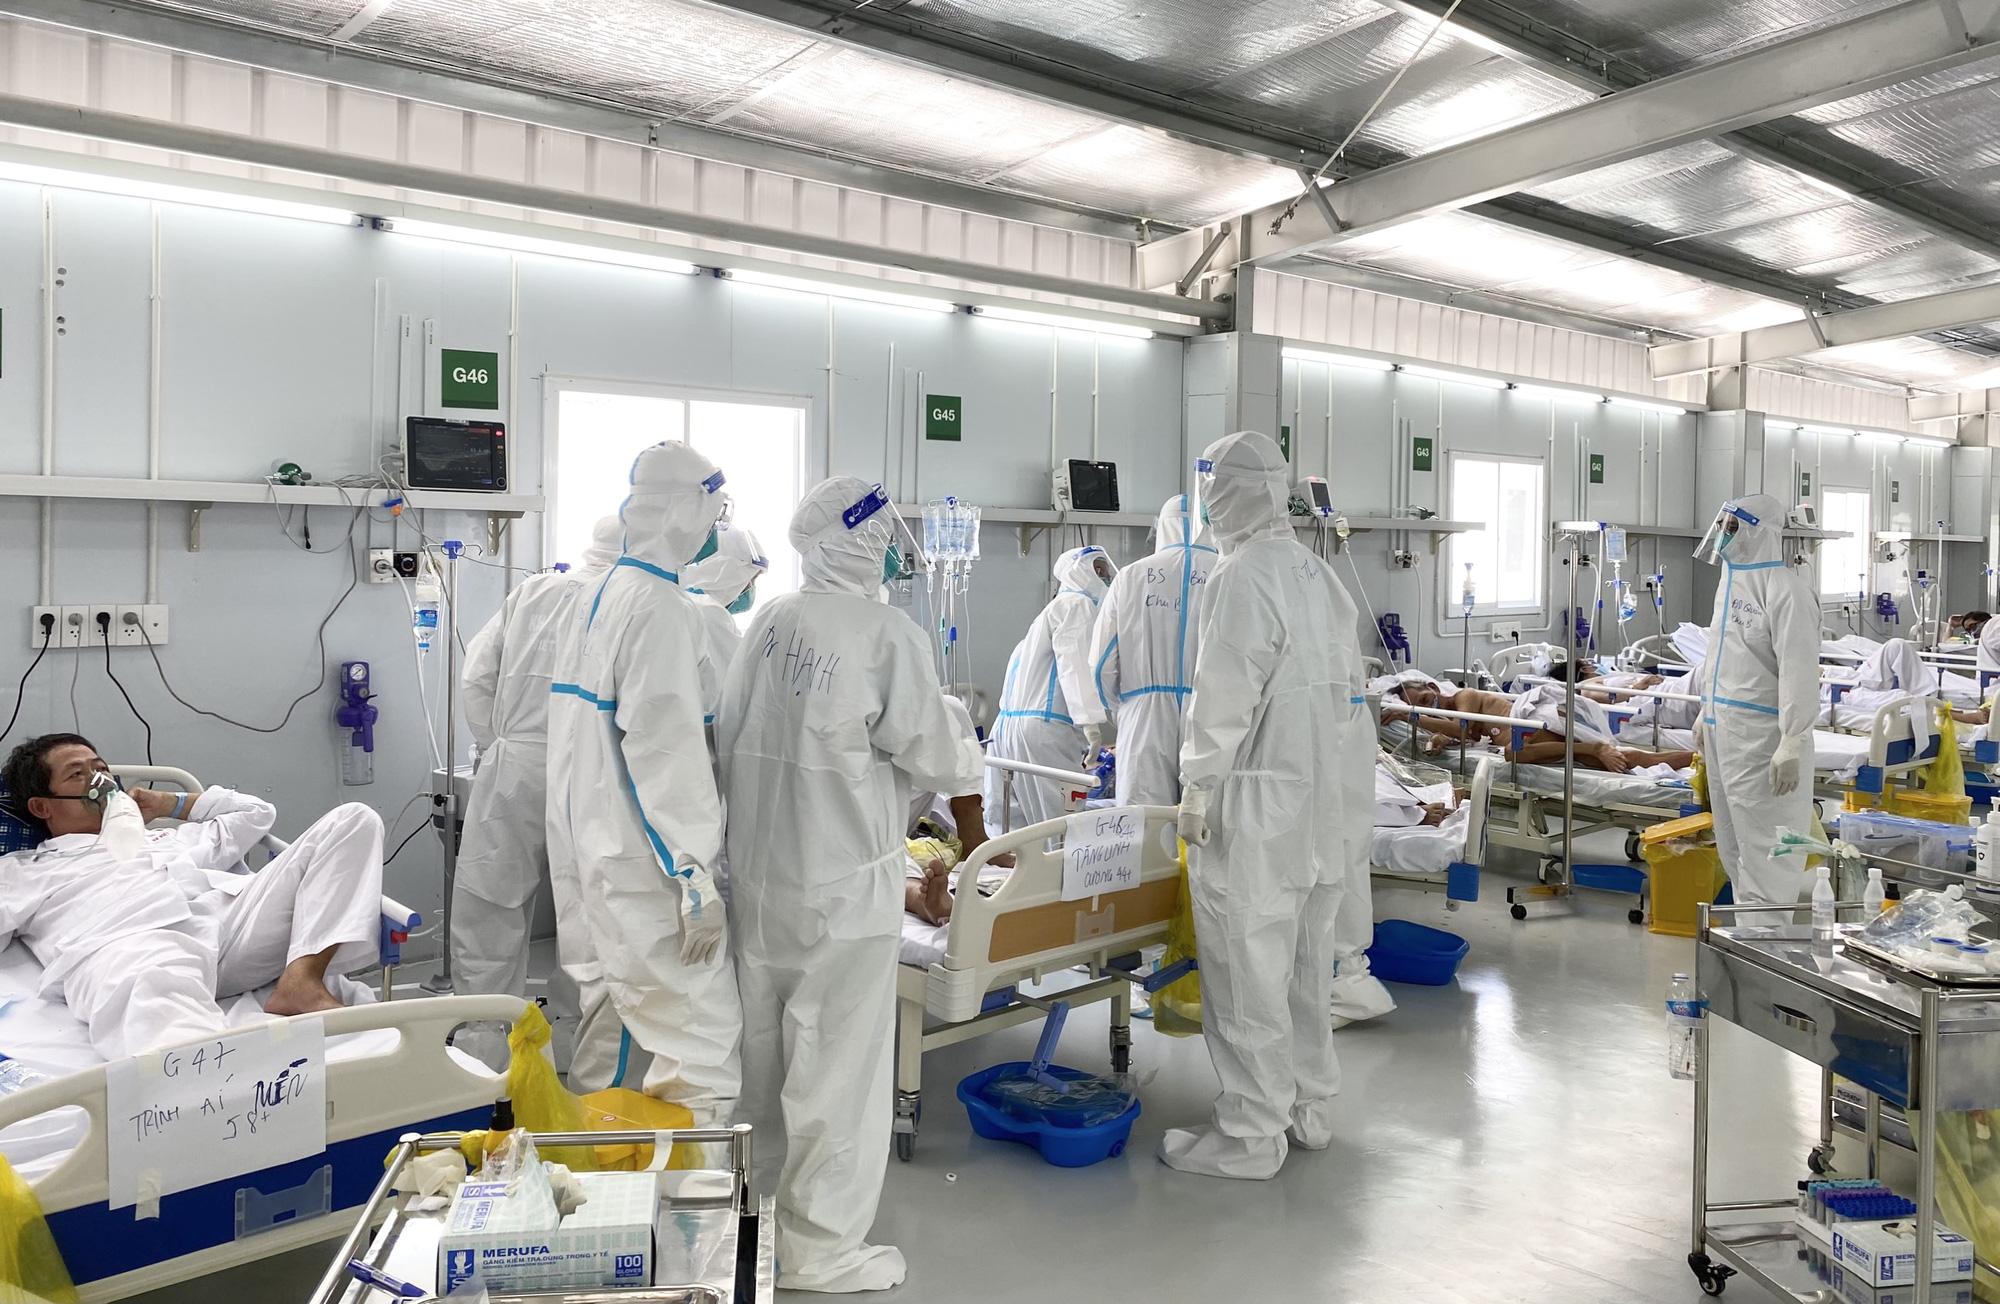 Bộ trưởng Y tế kêu gọi nhân viên y tế quyết tâm, nỗ lực hơn để chống dịch Covid-19 - Ảnh 1.